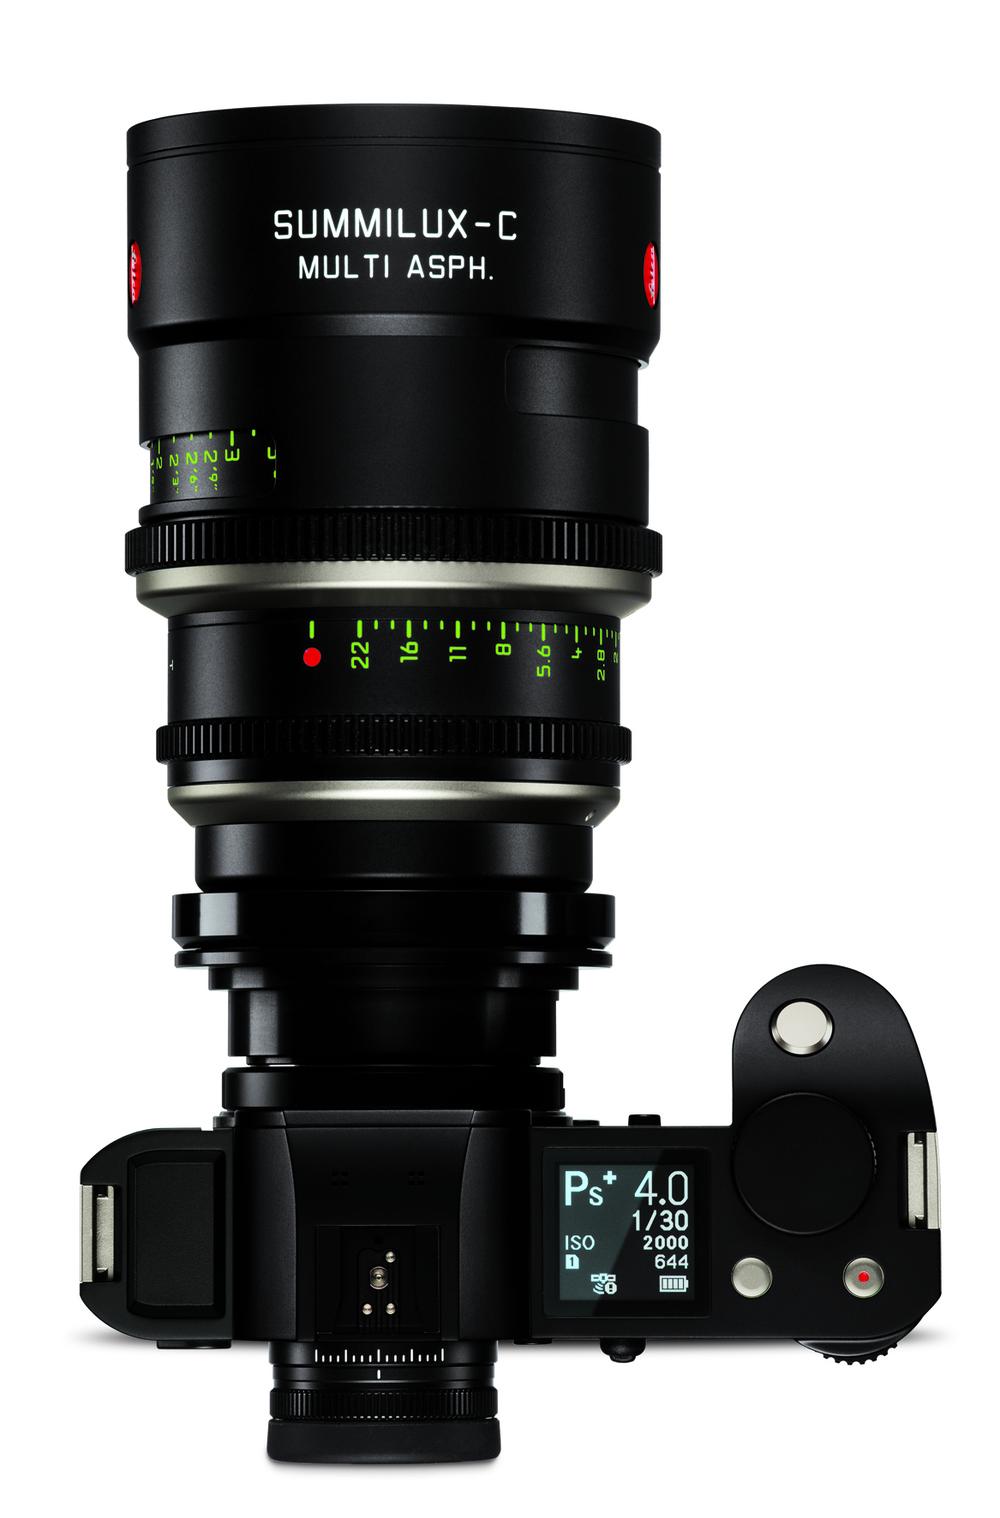 Leica SL_Leica Summilux-C_35_ASPH_top.jpg